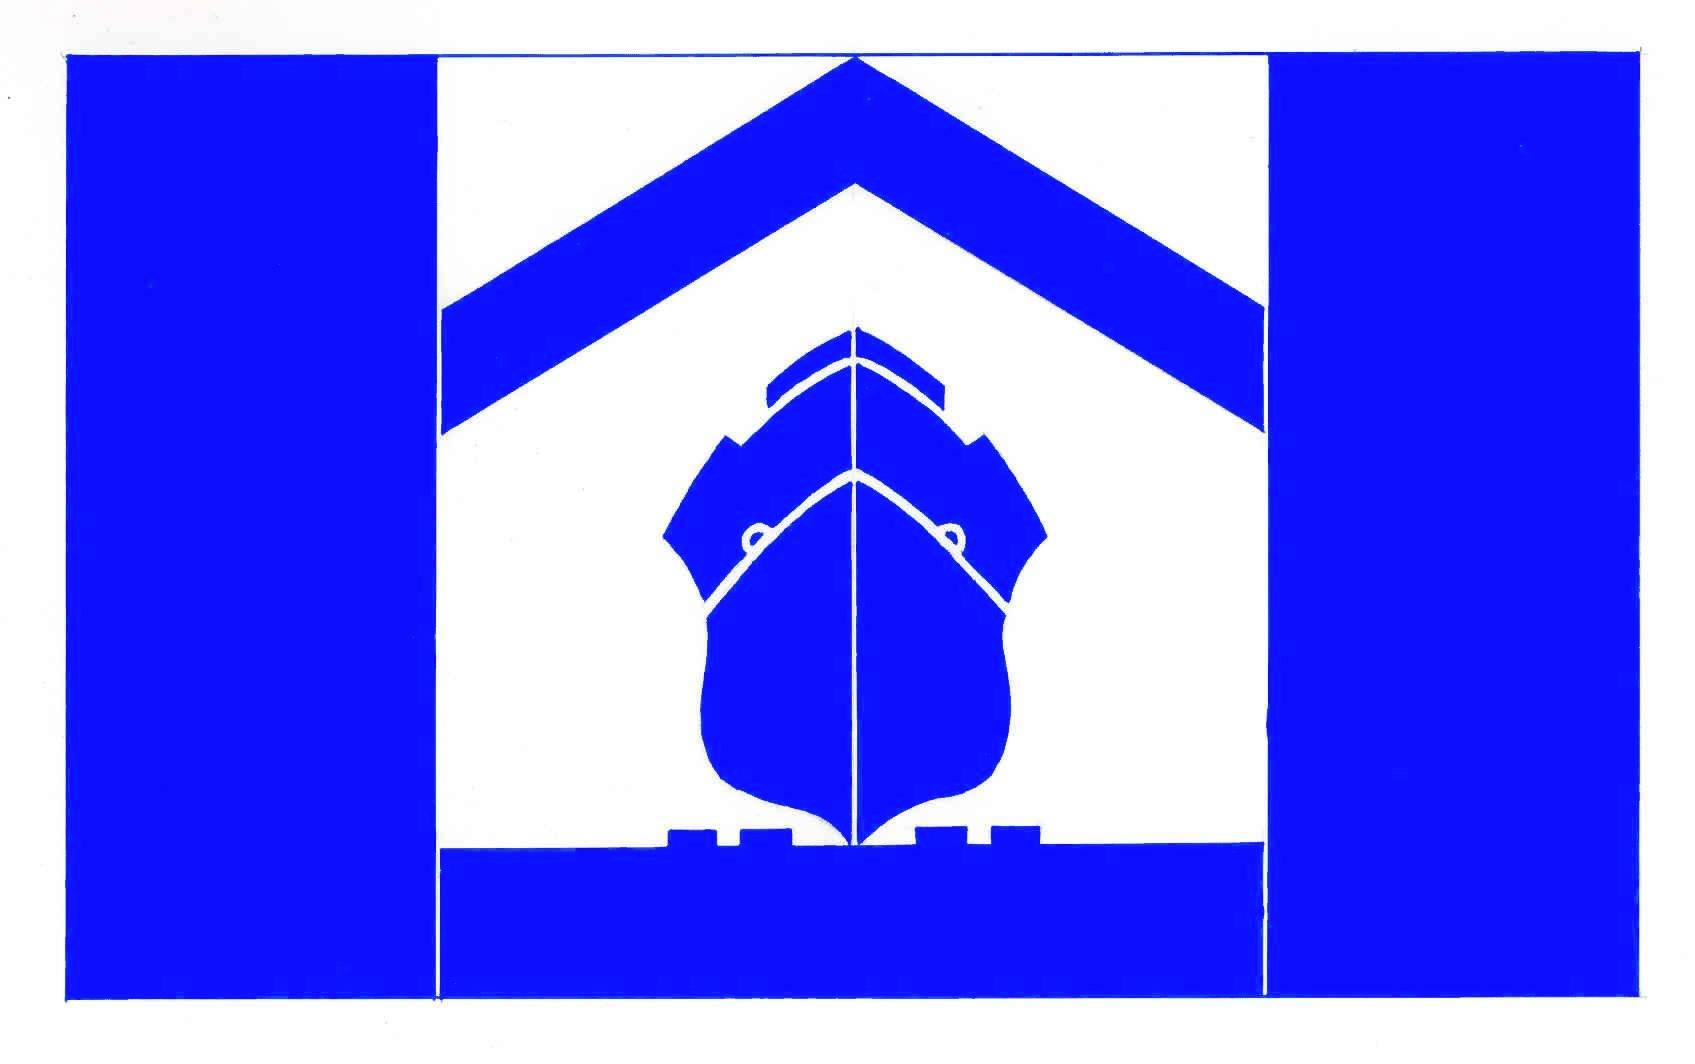 Flagge GemeindeSchacht-Audorf, Kreis Rendsburg-Eckernförde